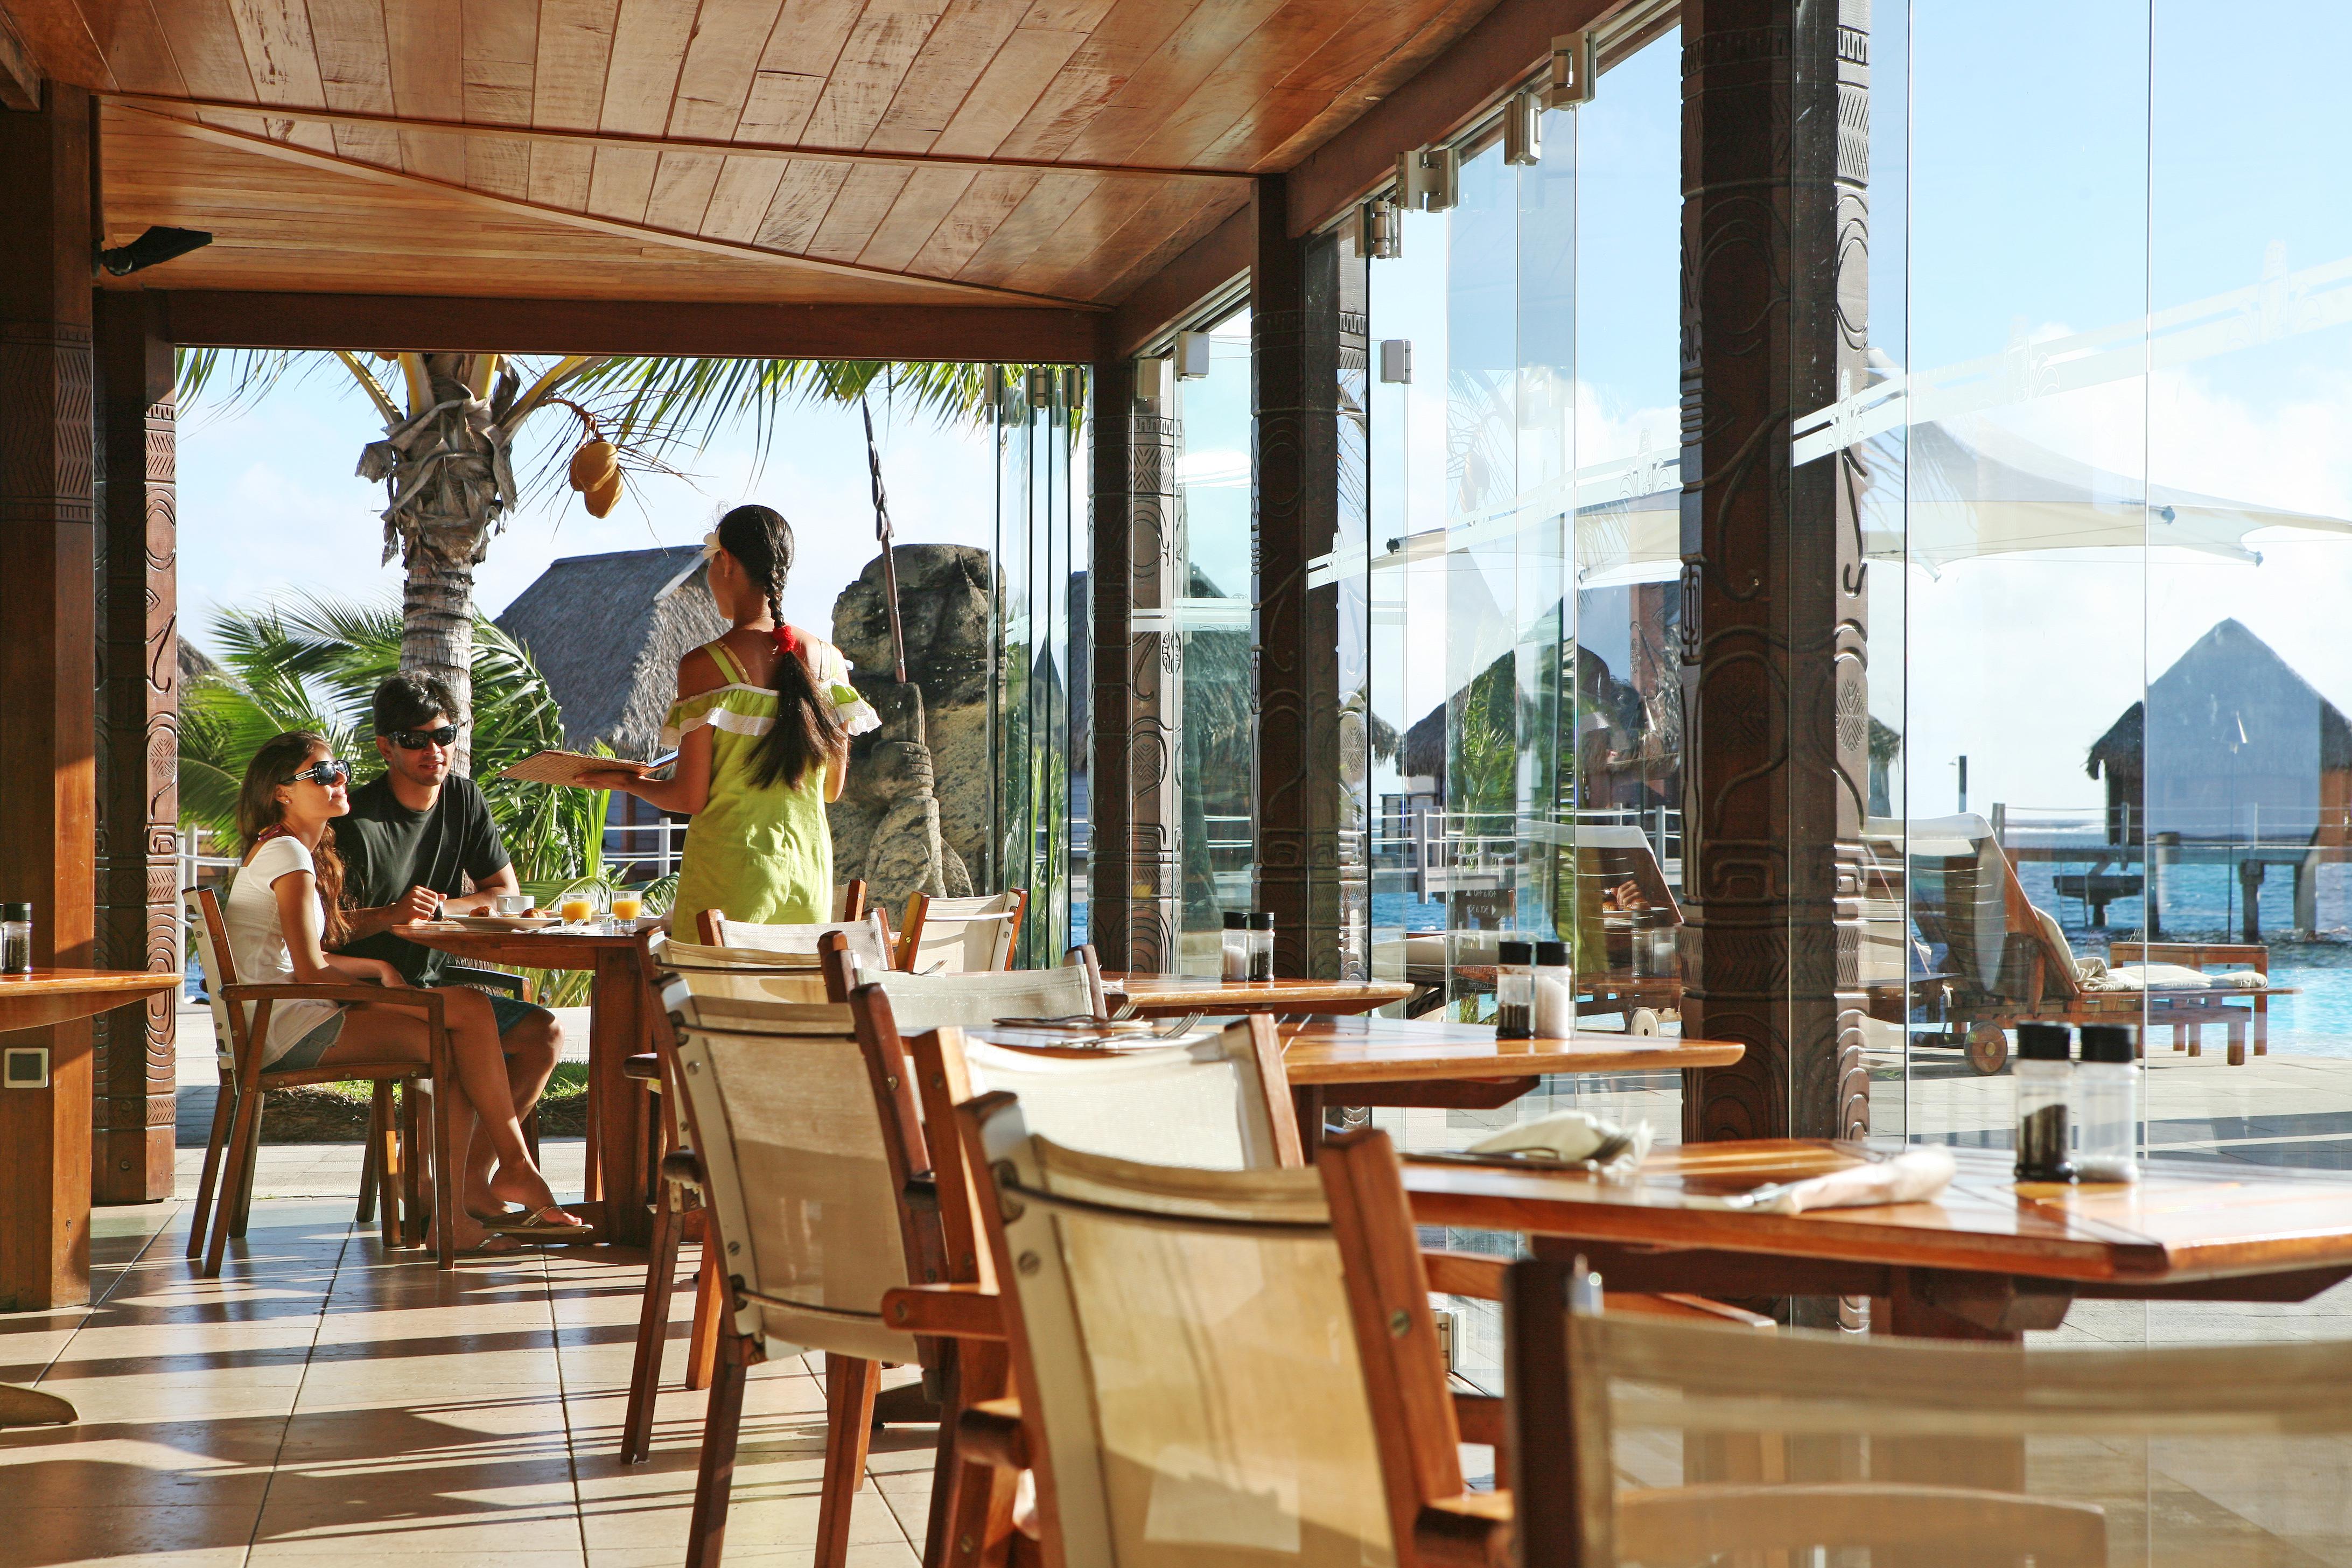 https://tahititourisme.jp/wp-content/uploads/2018/03/RESTAURATION-Restaurant-Mahanai-3-Greg_LeBacon.jpg